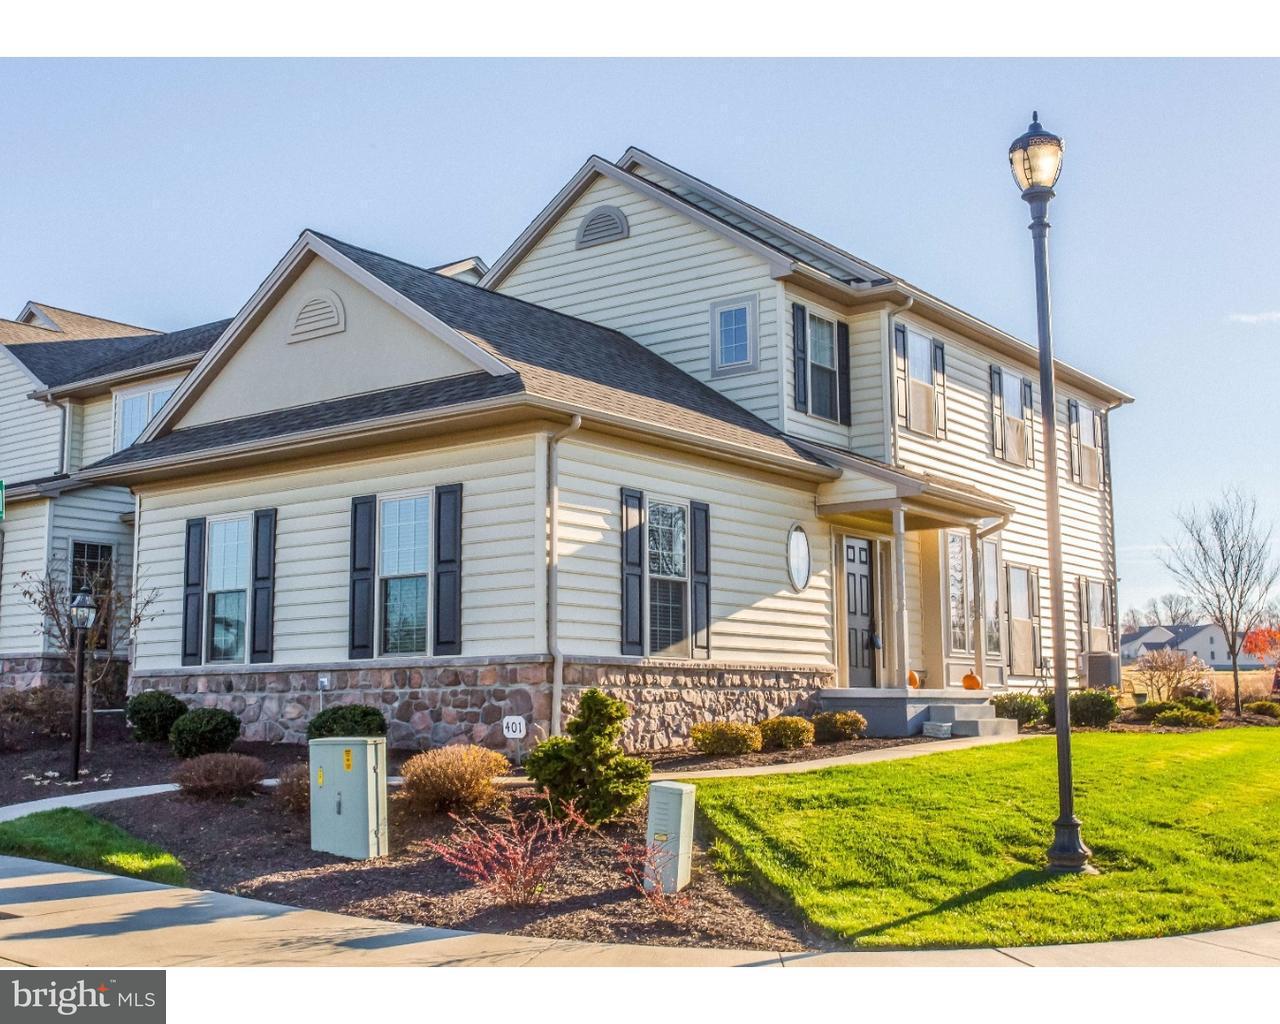 401 LAUREL RIDGE PATH, COCHRANVILLE - Listed at $259,900, COCHRANVILLE